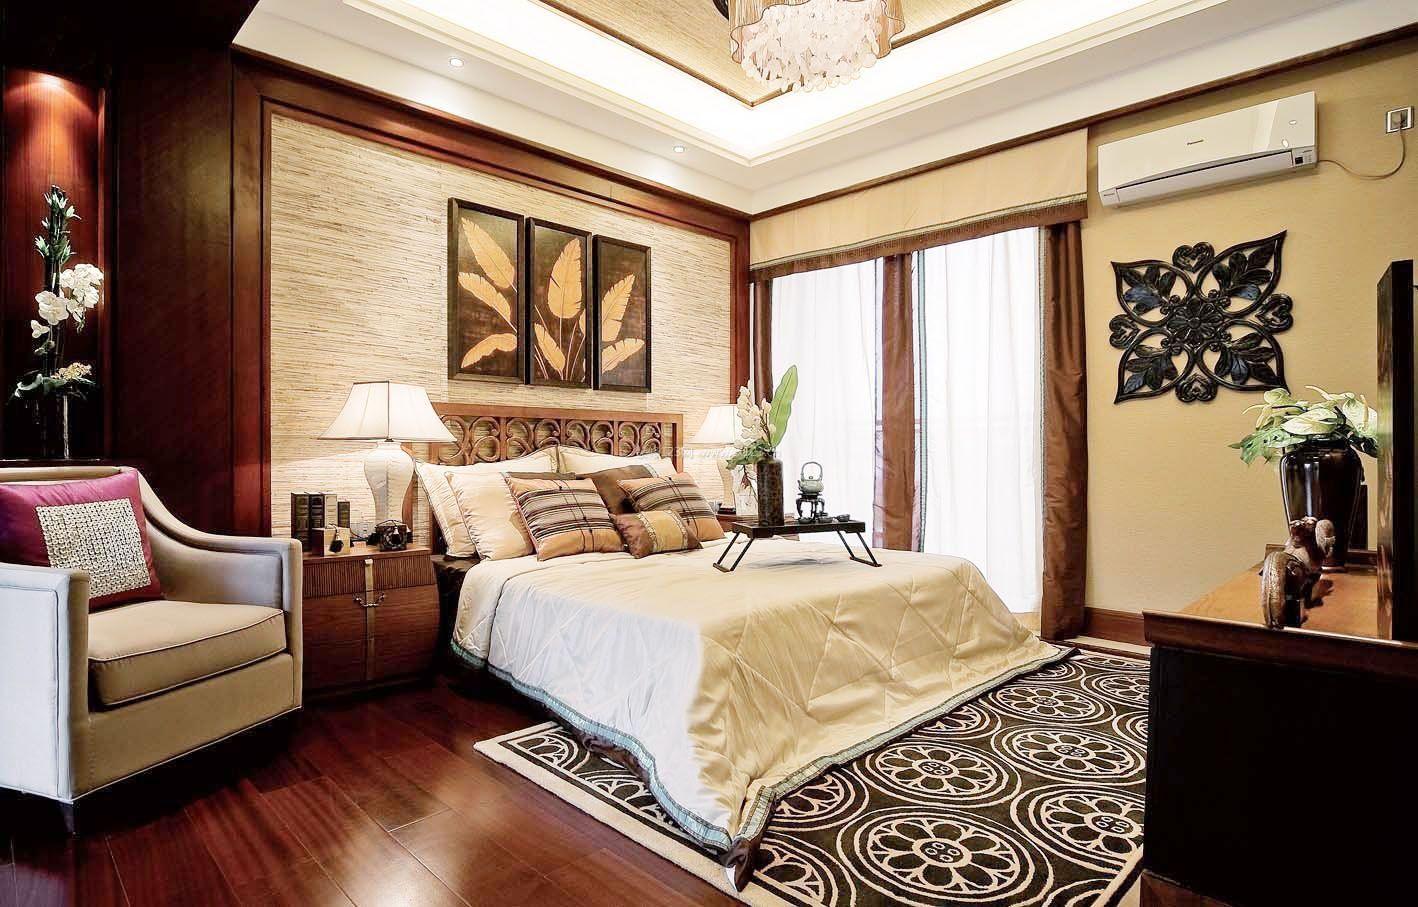 现代简约家居床头背景墙挂画装饰效果图2017